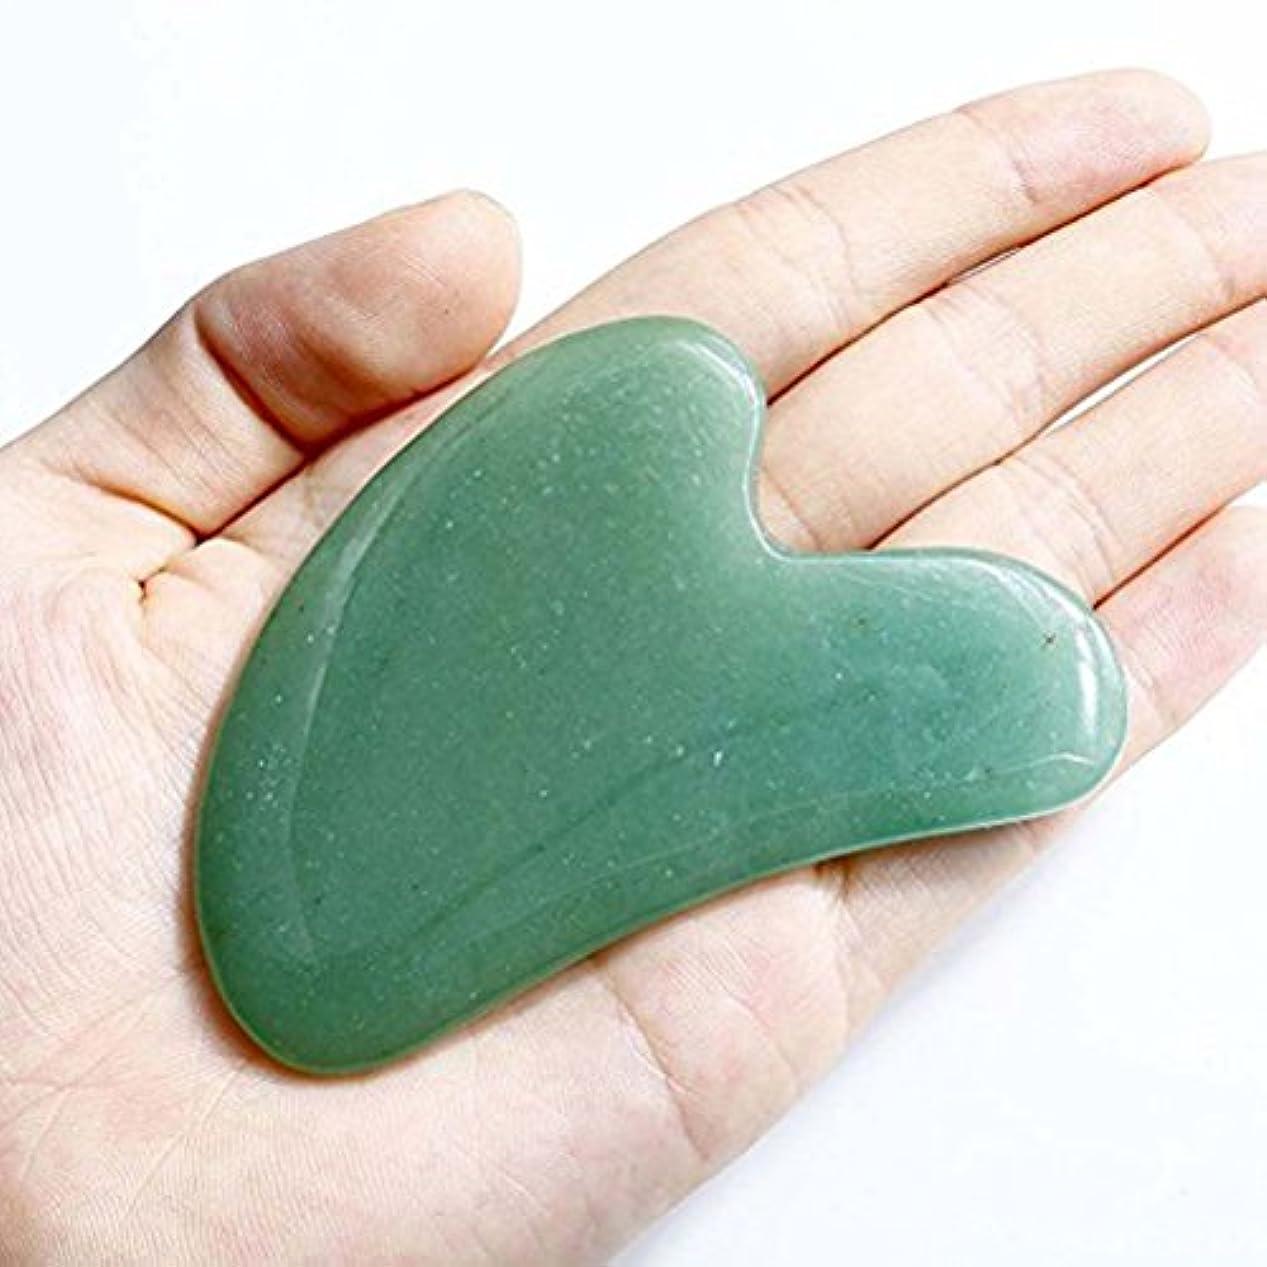 エイリアスモネ嵐のEcho & Kern Face / Body Massage Green Aventurine heart shape ハート形状かっさプレート 天然石 翡翠色(顔?ボディのリンパマッサージ) (かっさプレートH)